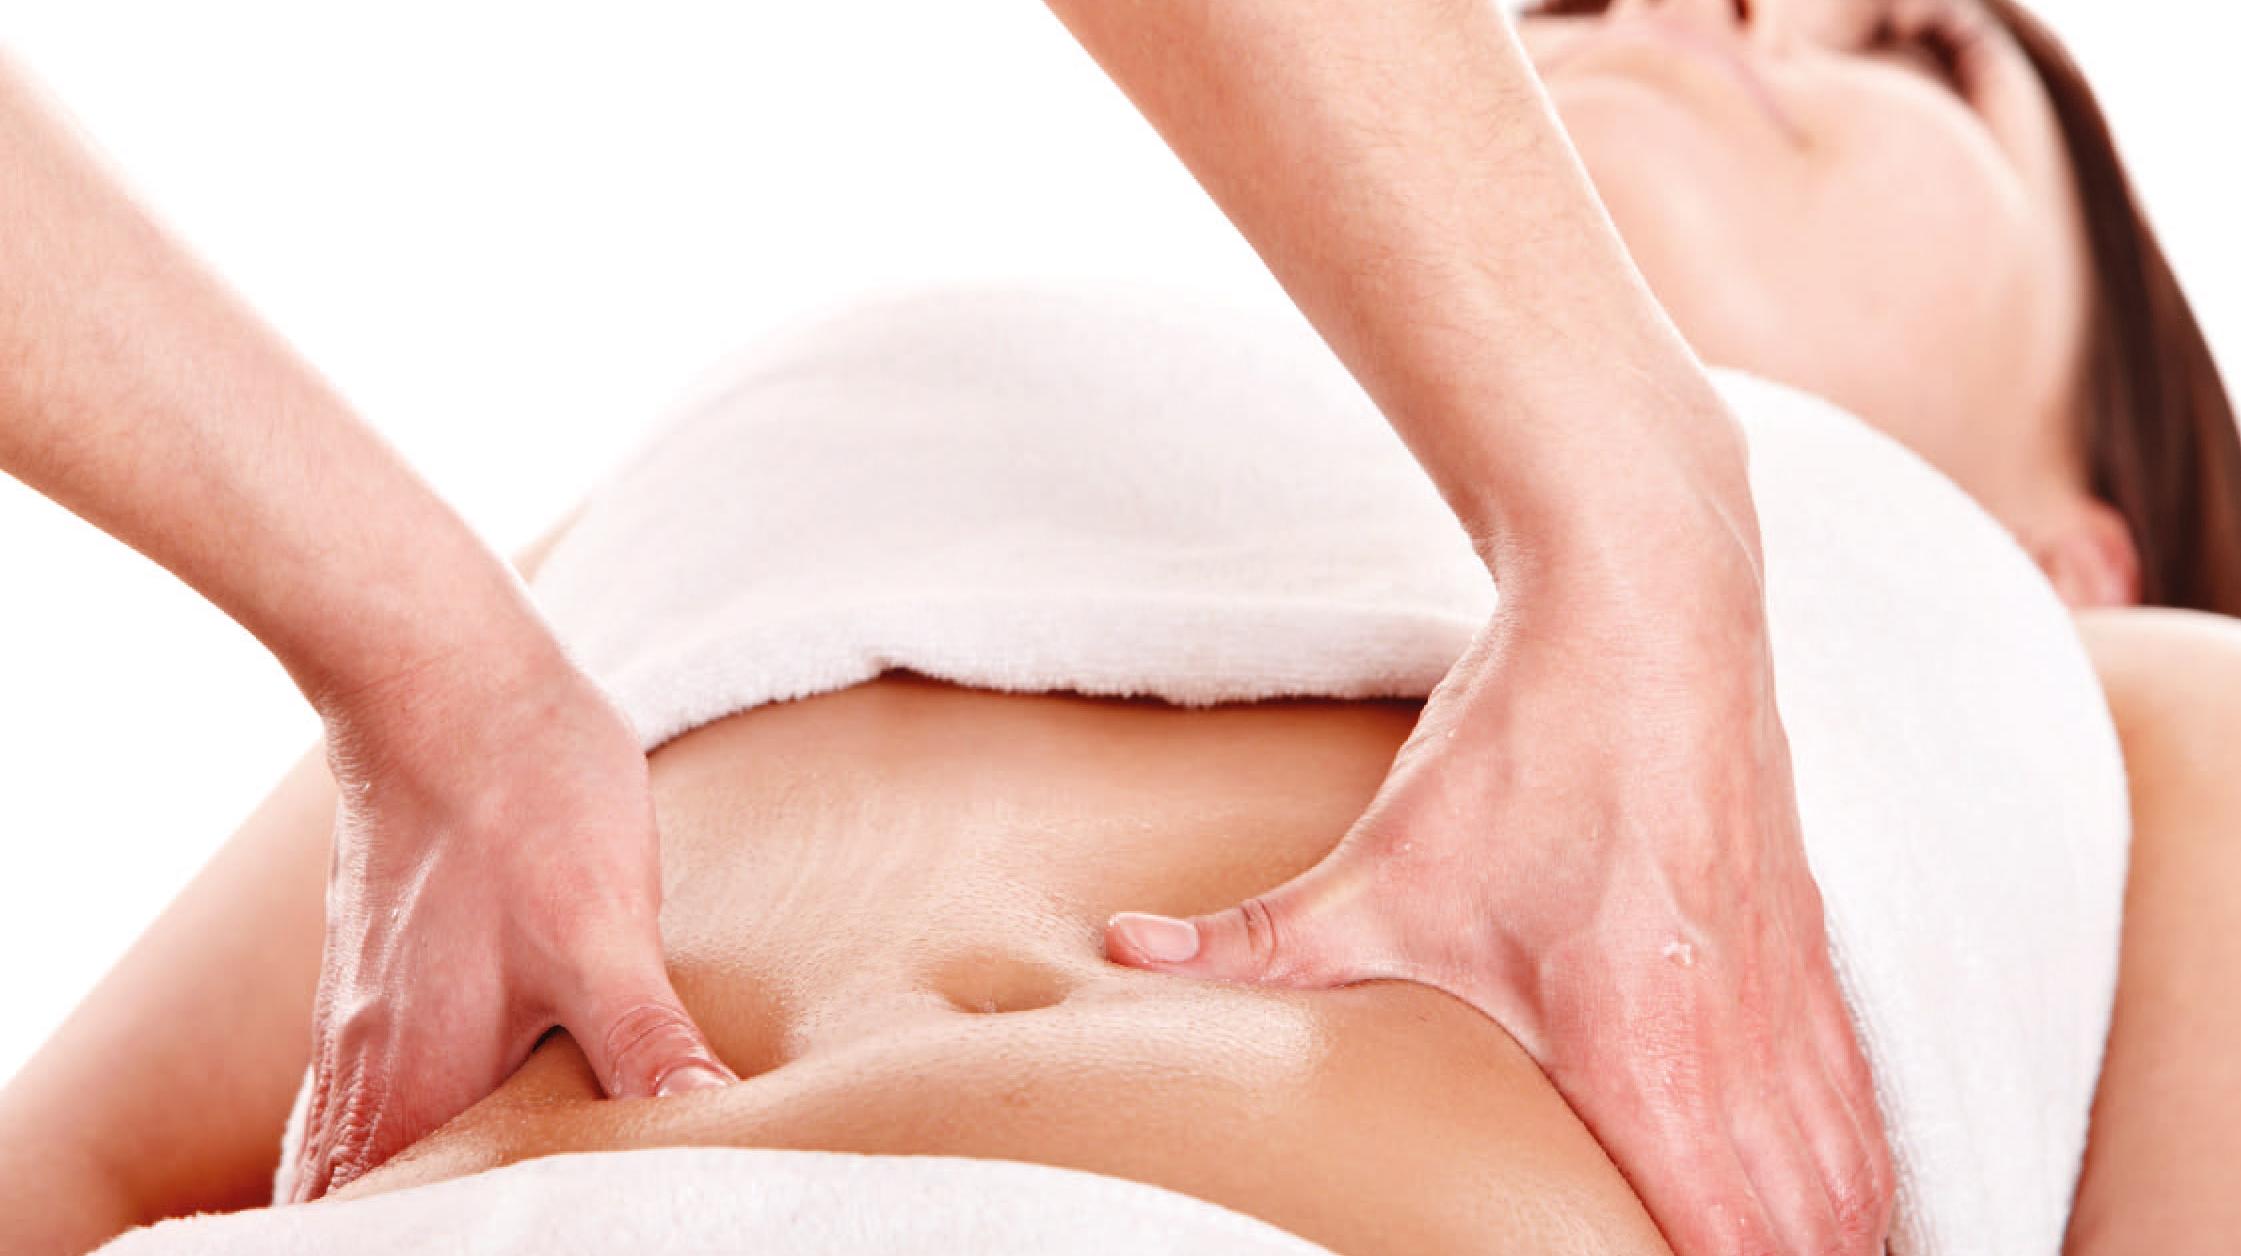 massagem modeladora ou drenagem modeladora